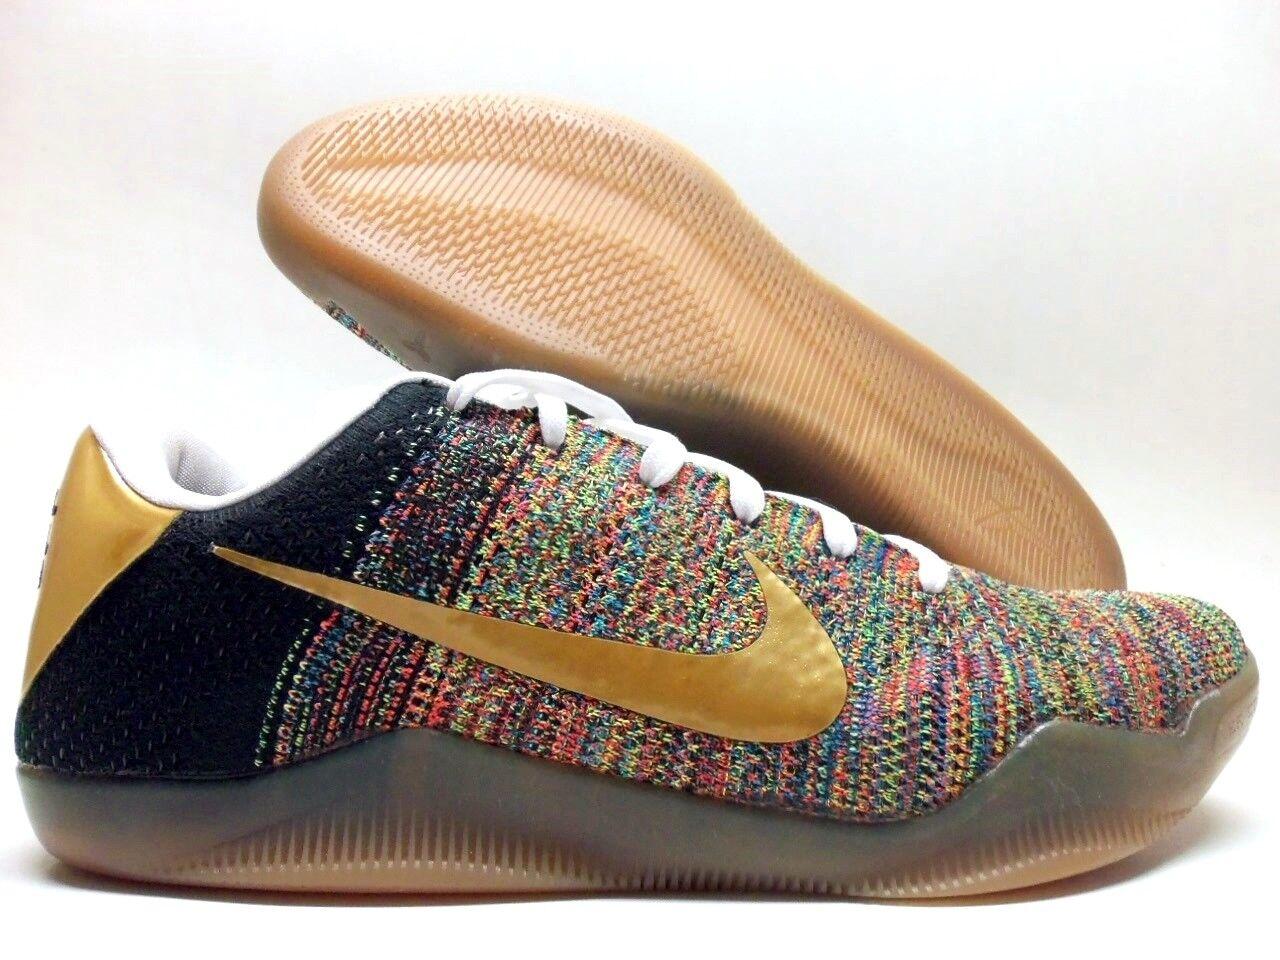 Nike Kobe XI 11 Flyknit Elite Low id reduccion multi-color-Oro tamaño hombres 12,5 reduccion id de precio casual salvaje d053f6